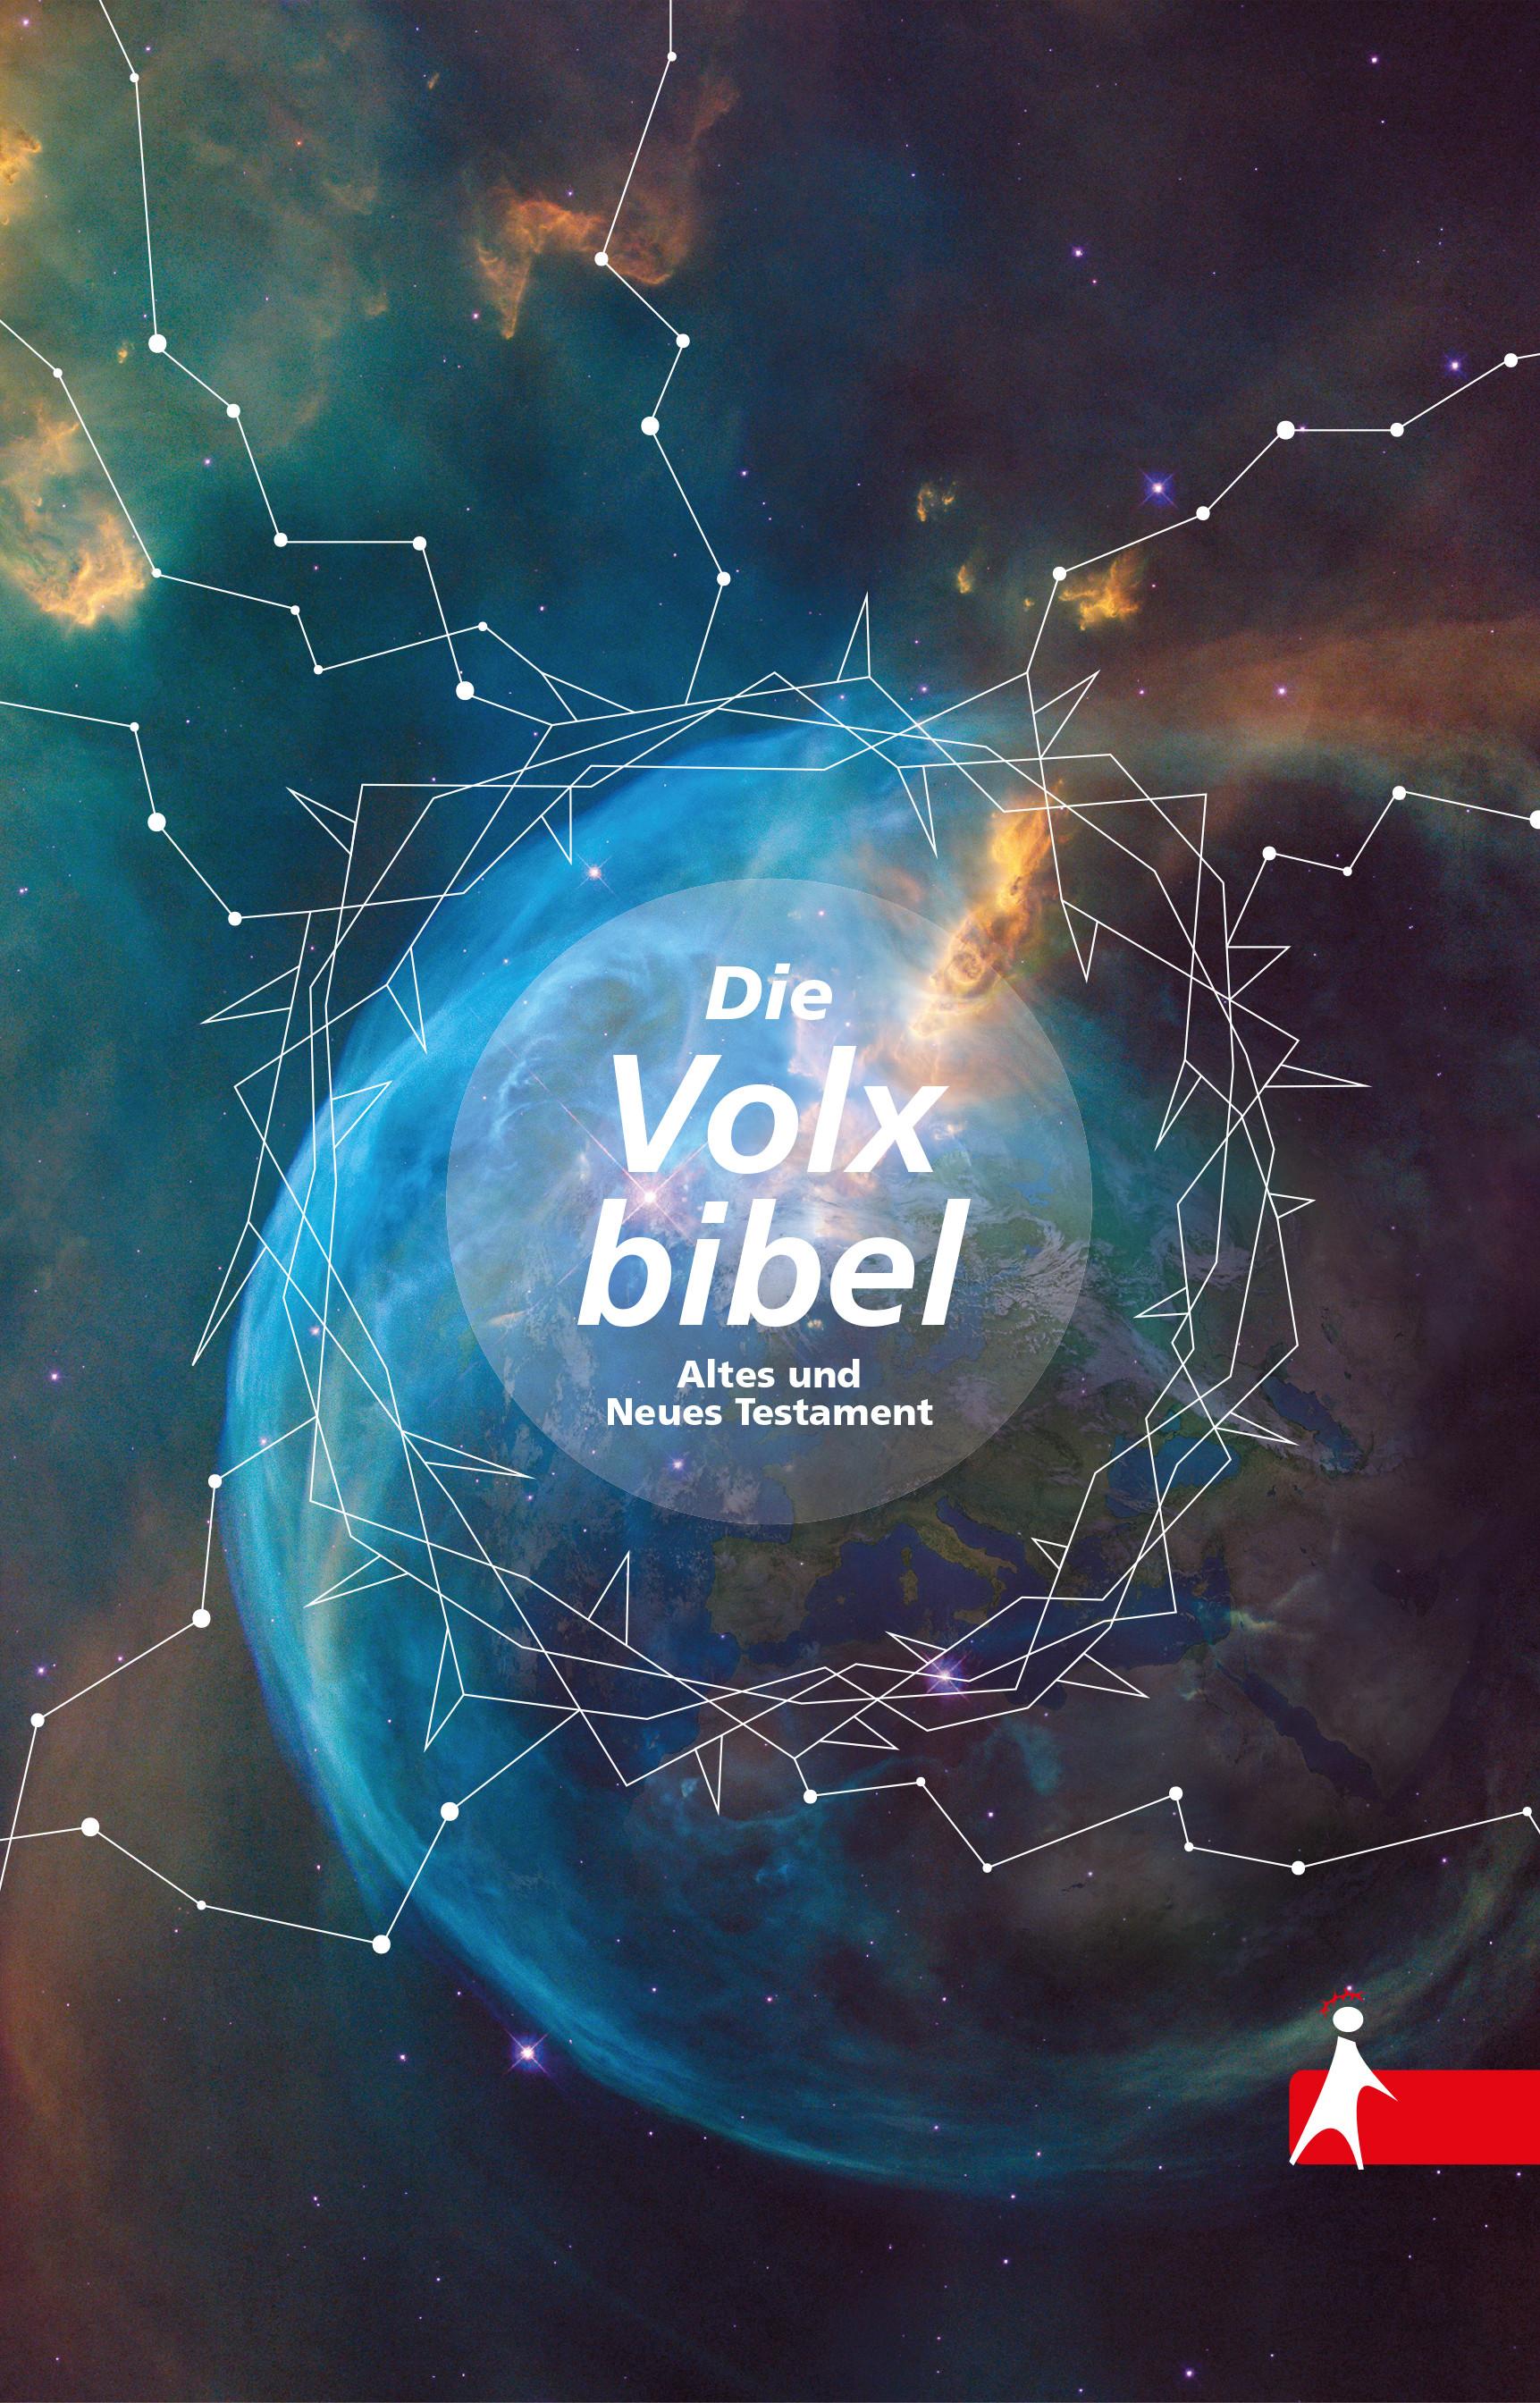 NEU Die Volxbibel - Altes und Neues Testament Martin Dreyer 041227